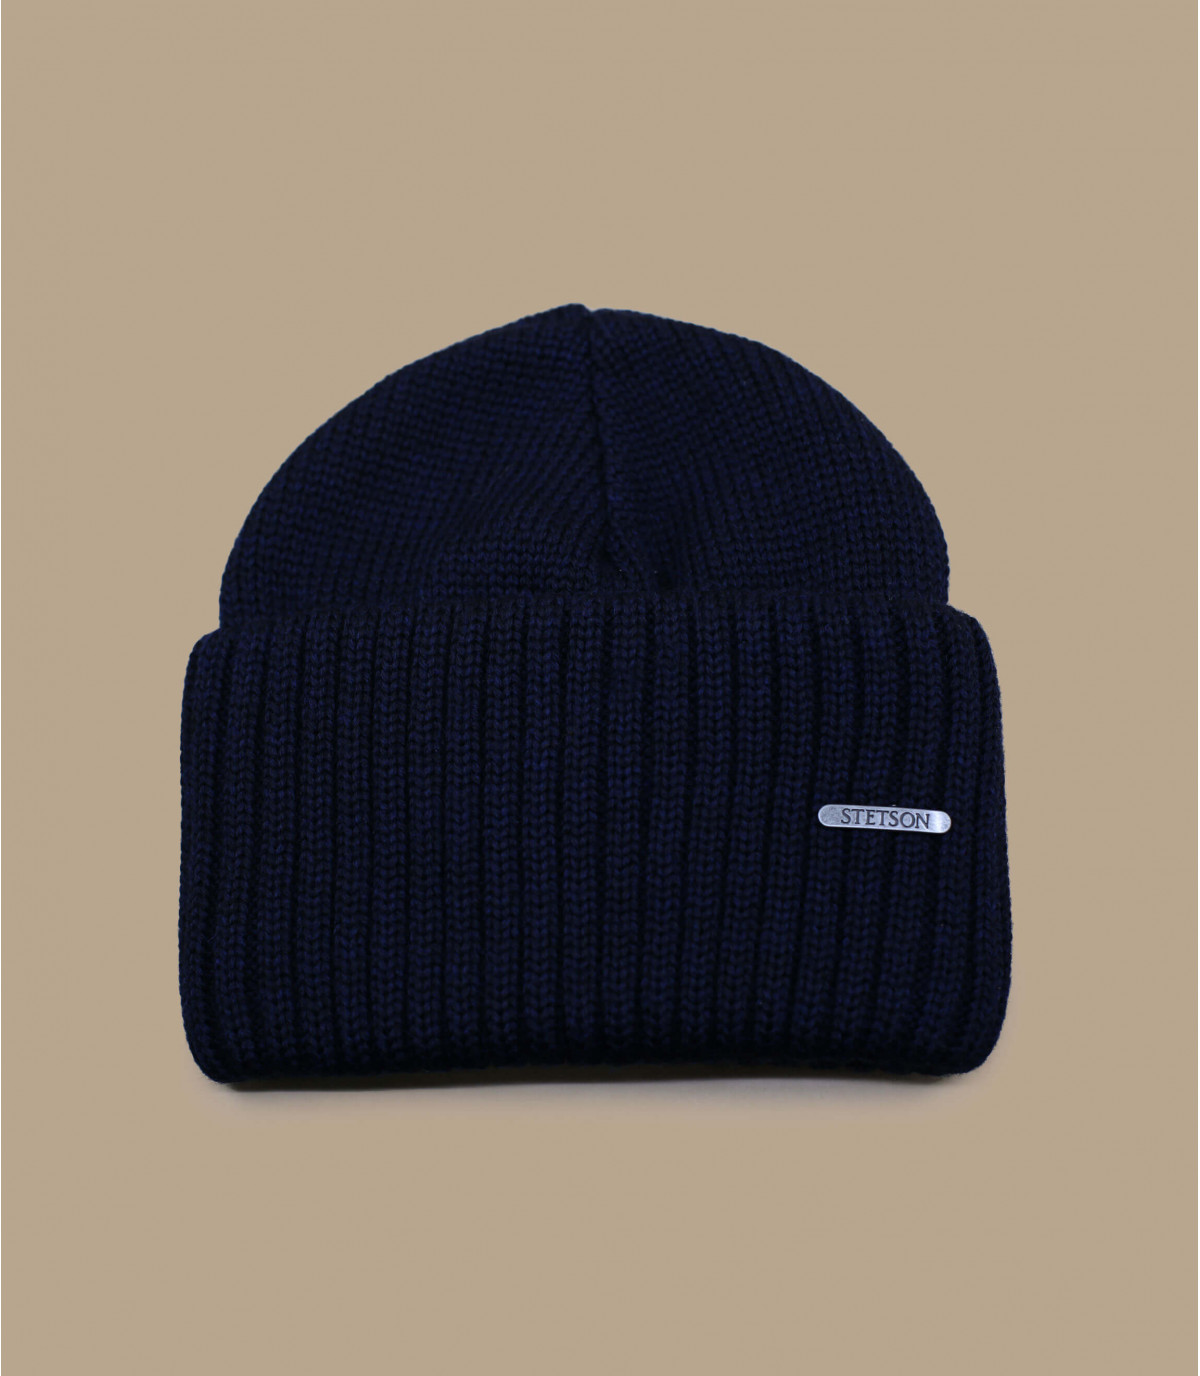 Mütze Stetson Wolle